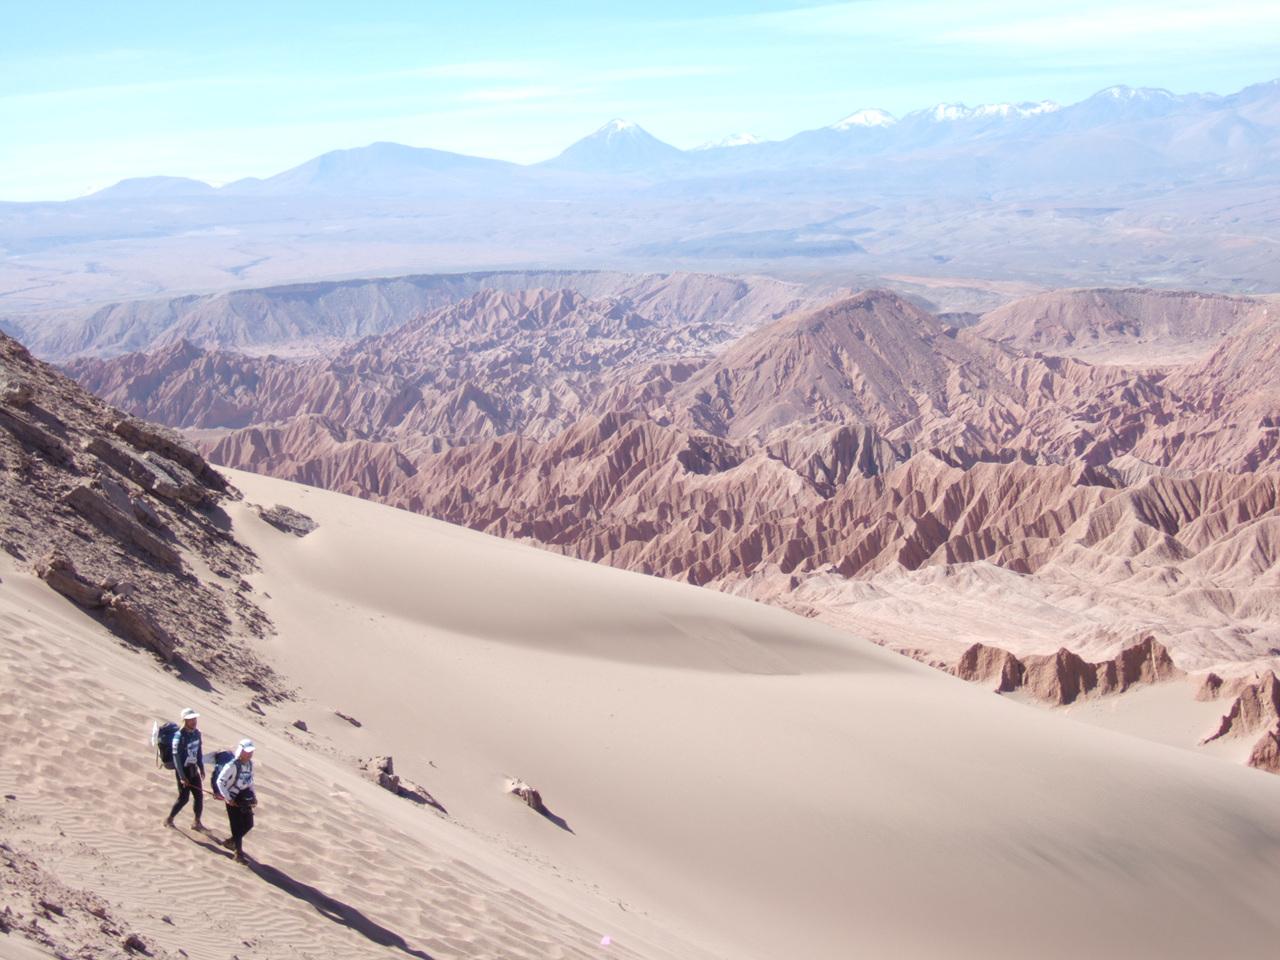 시작장애인 이용술님과 함께한 아타카마사막 250km 레이스